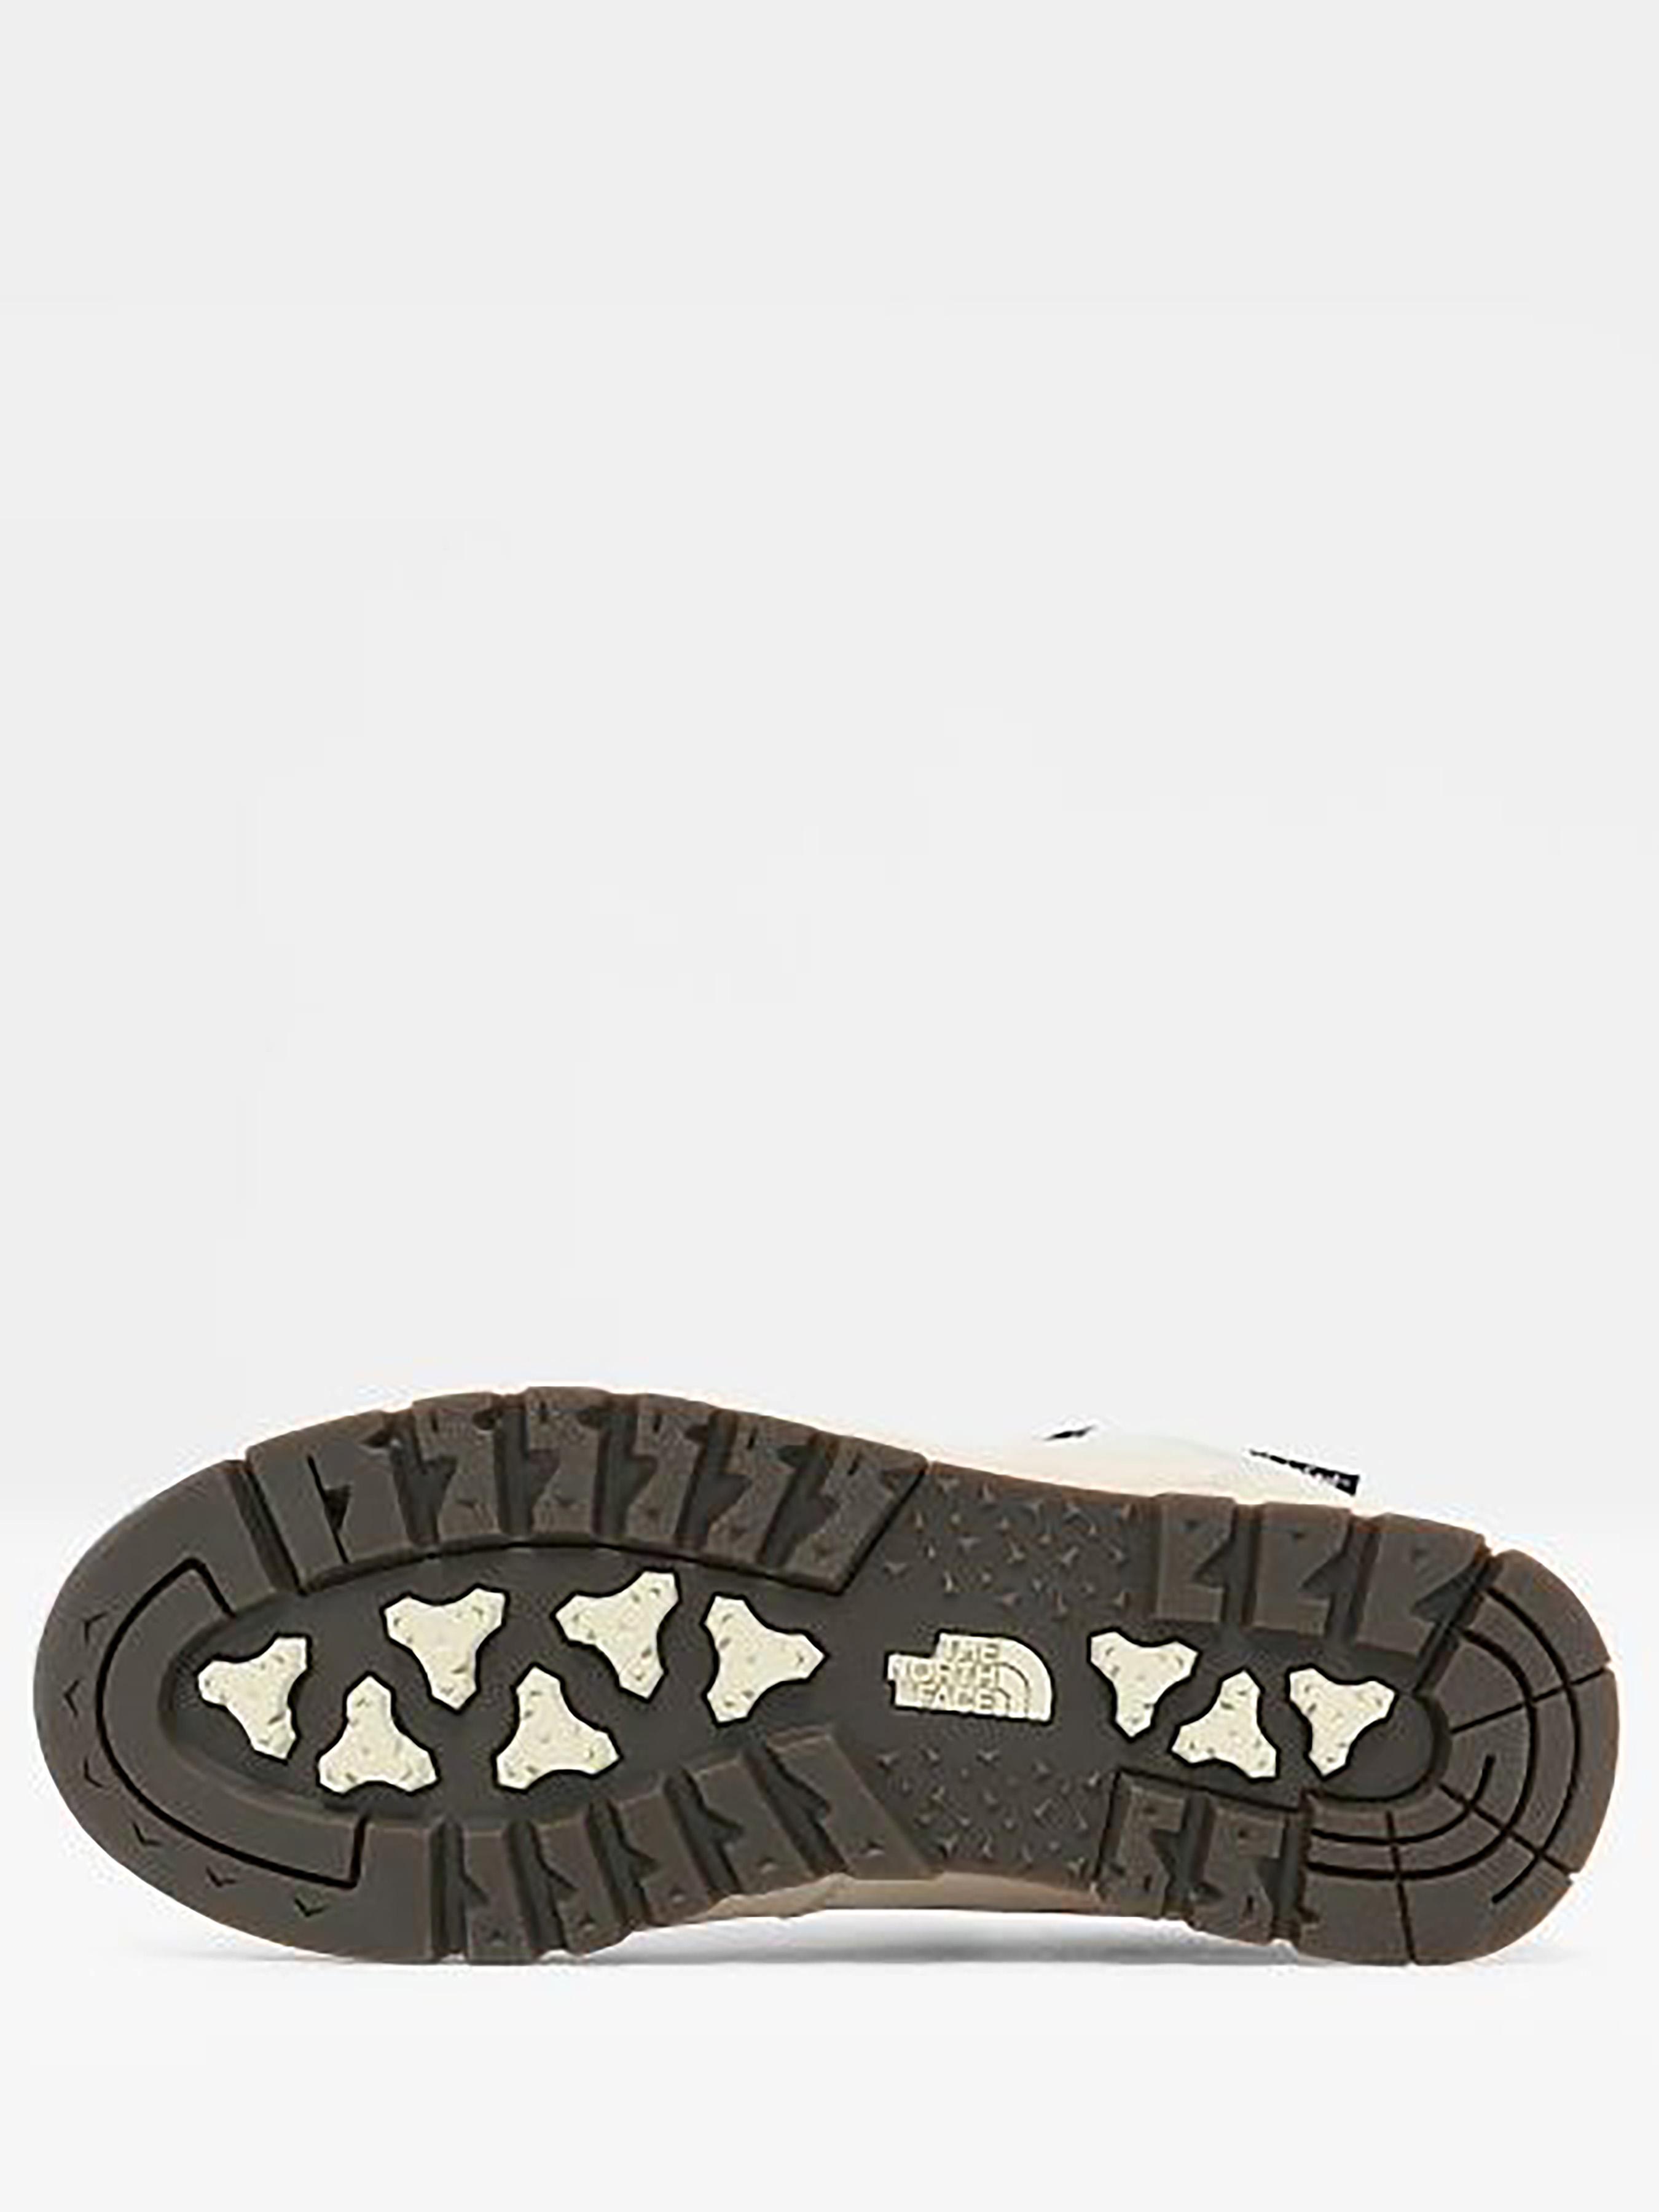 Ботинки женские The North Face Back-To-Berkeley Redux NO9792 купить в Интертоп, 2017